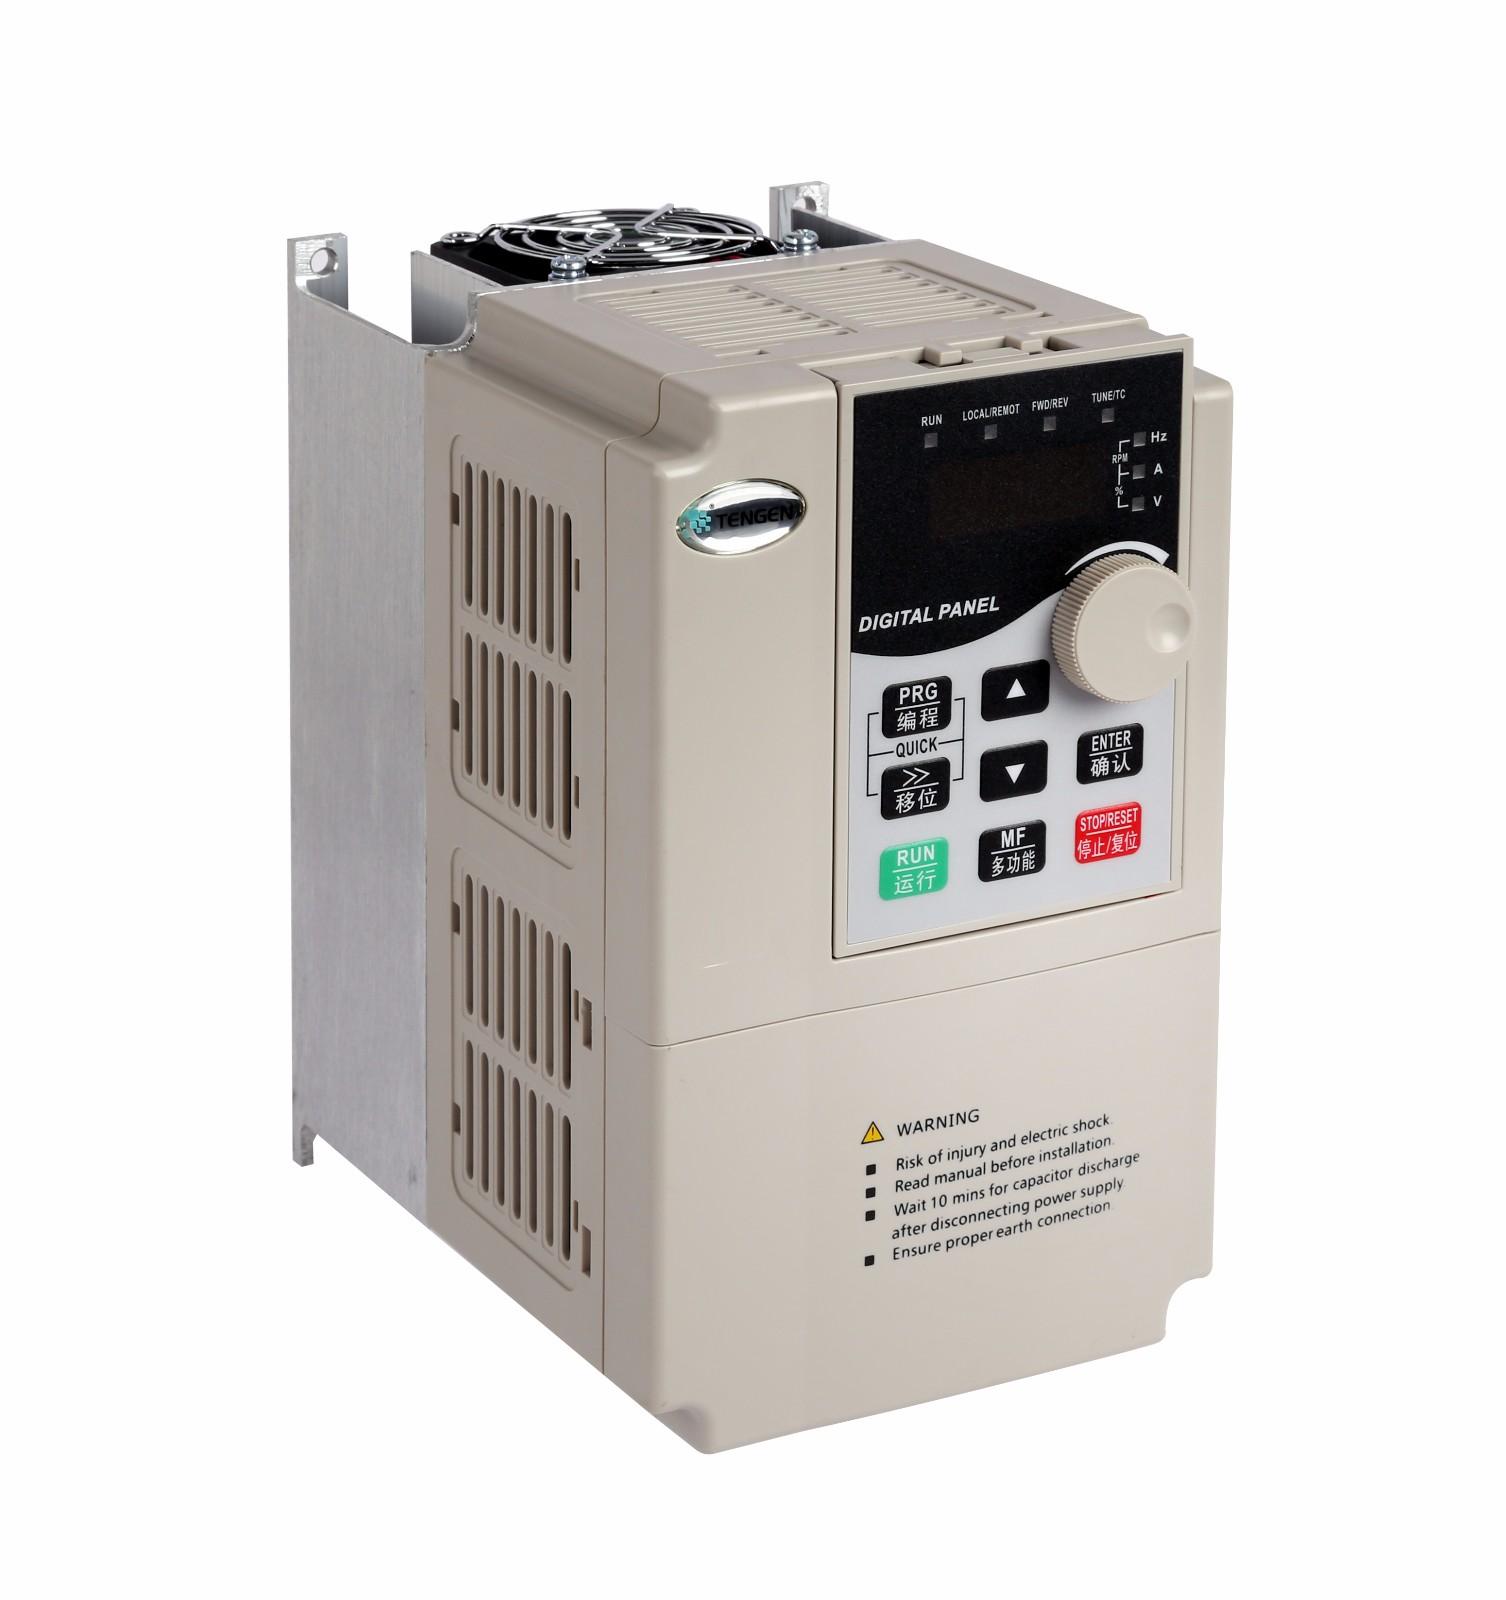 肯电气专业销售天正变频器,欢迎来电咨询图片